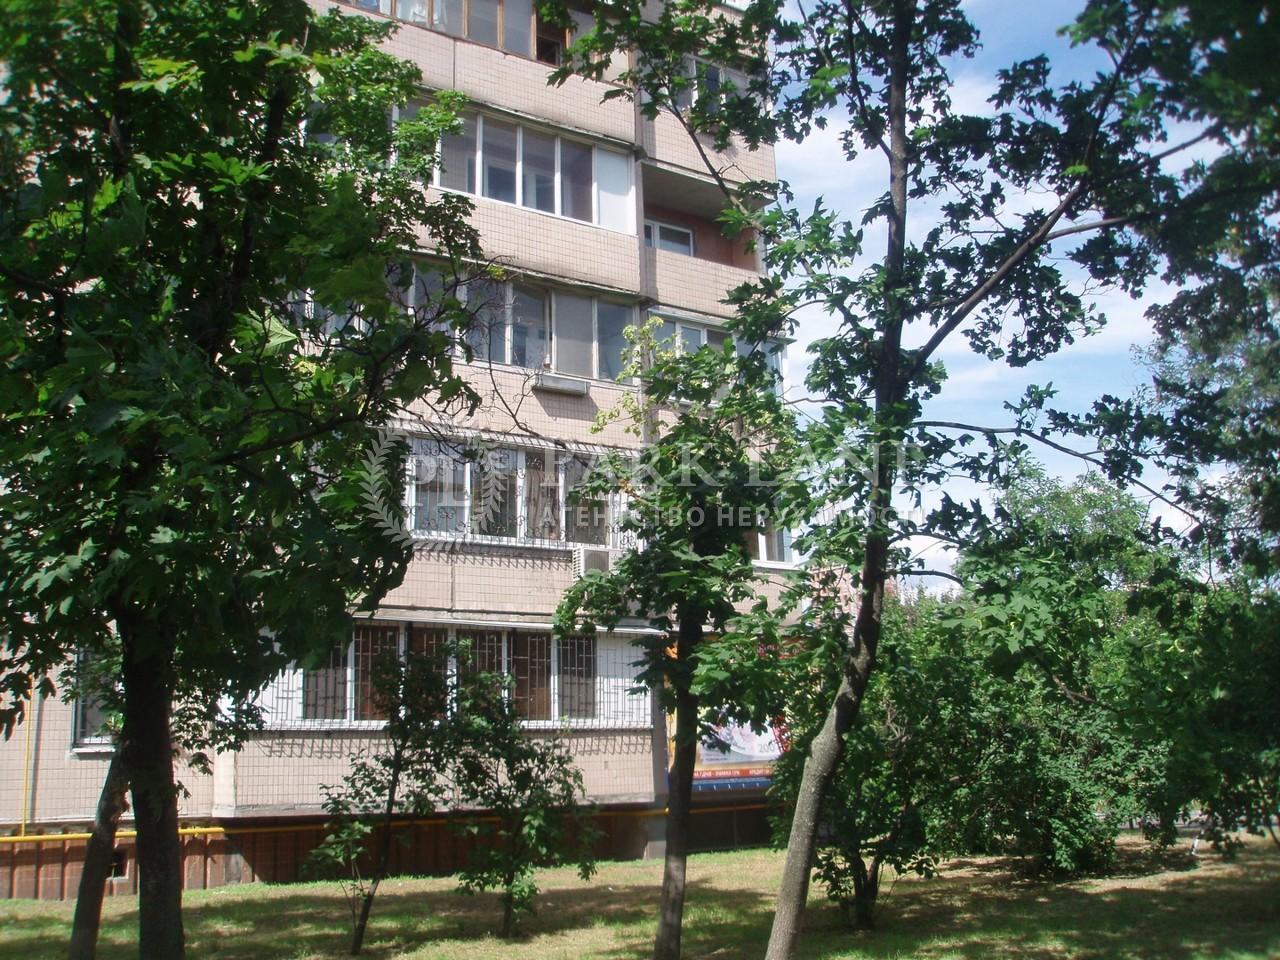 Квартира ул. Героев Днепра, 35, Киев, V-175 - Фото 2